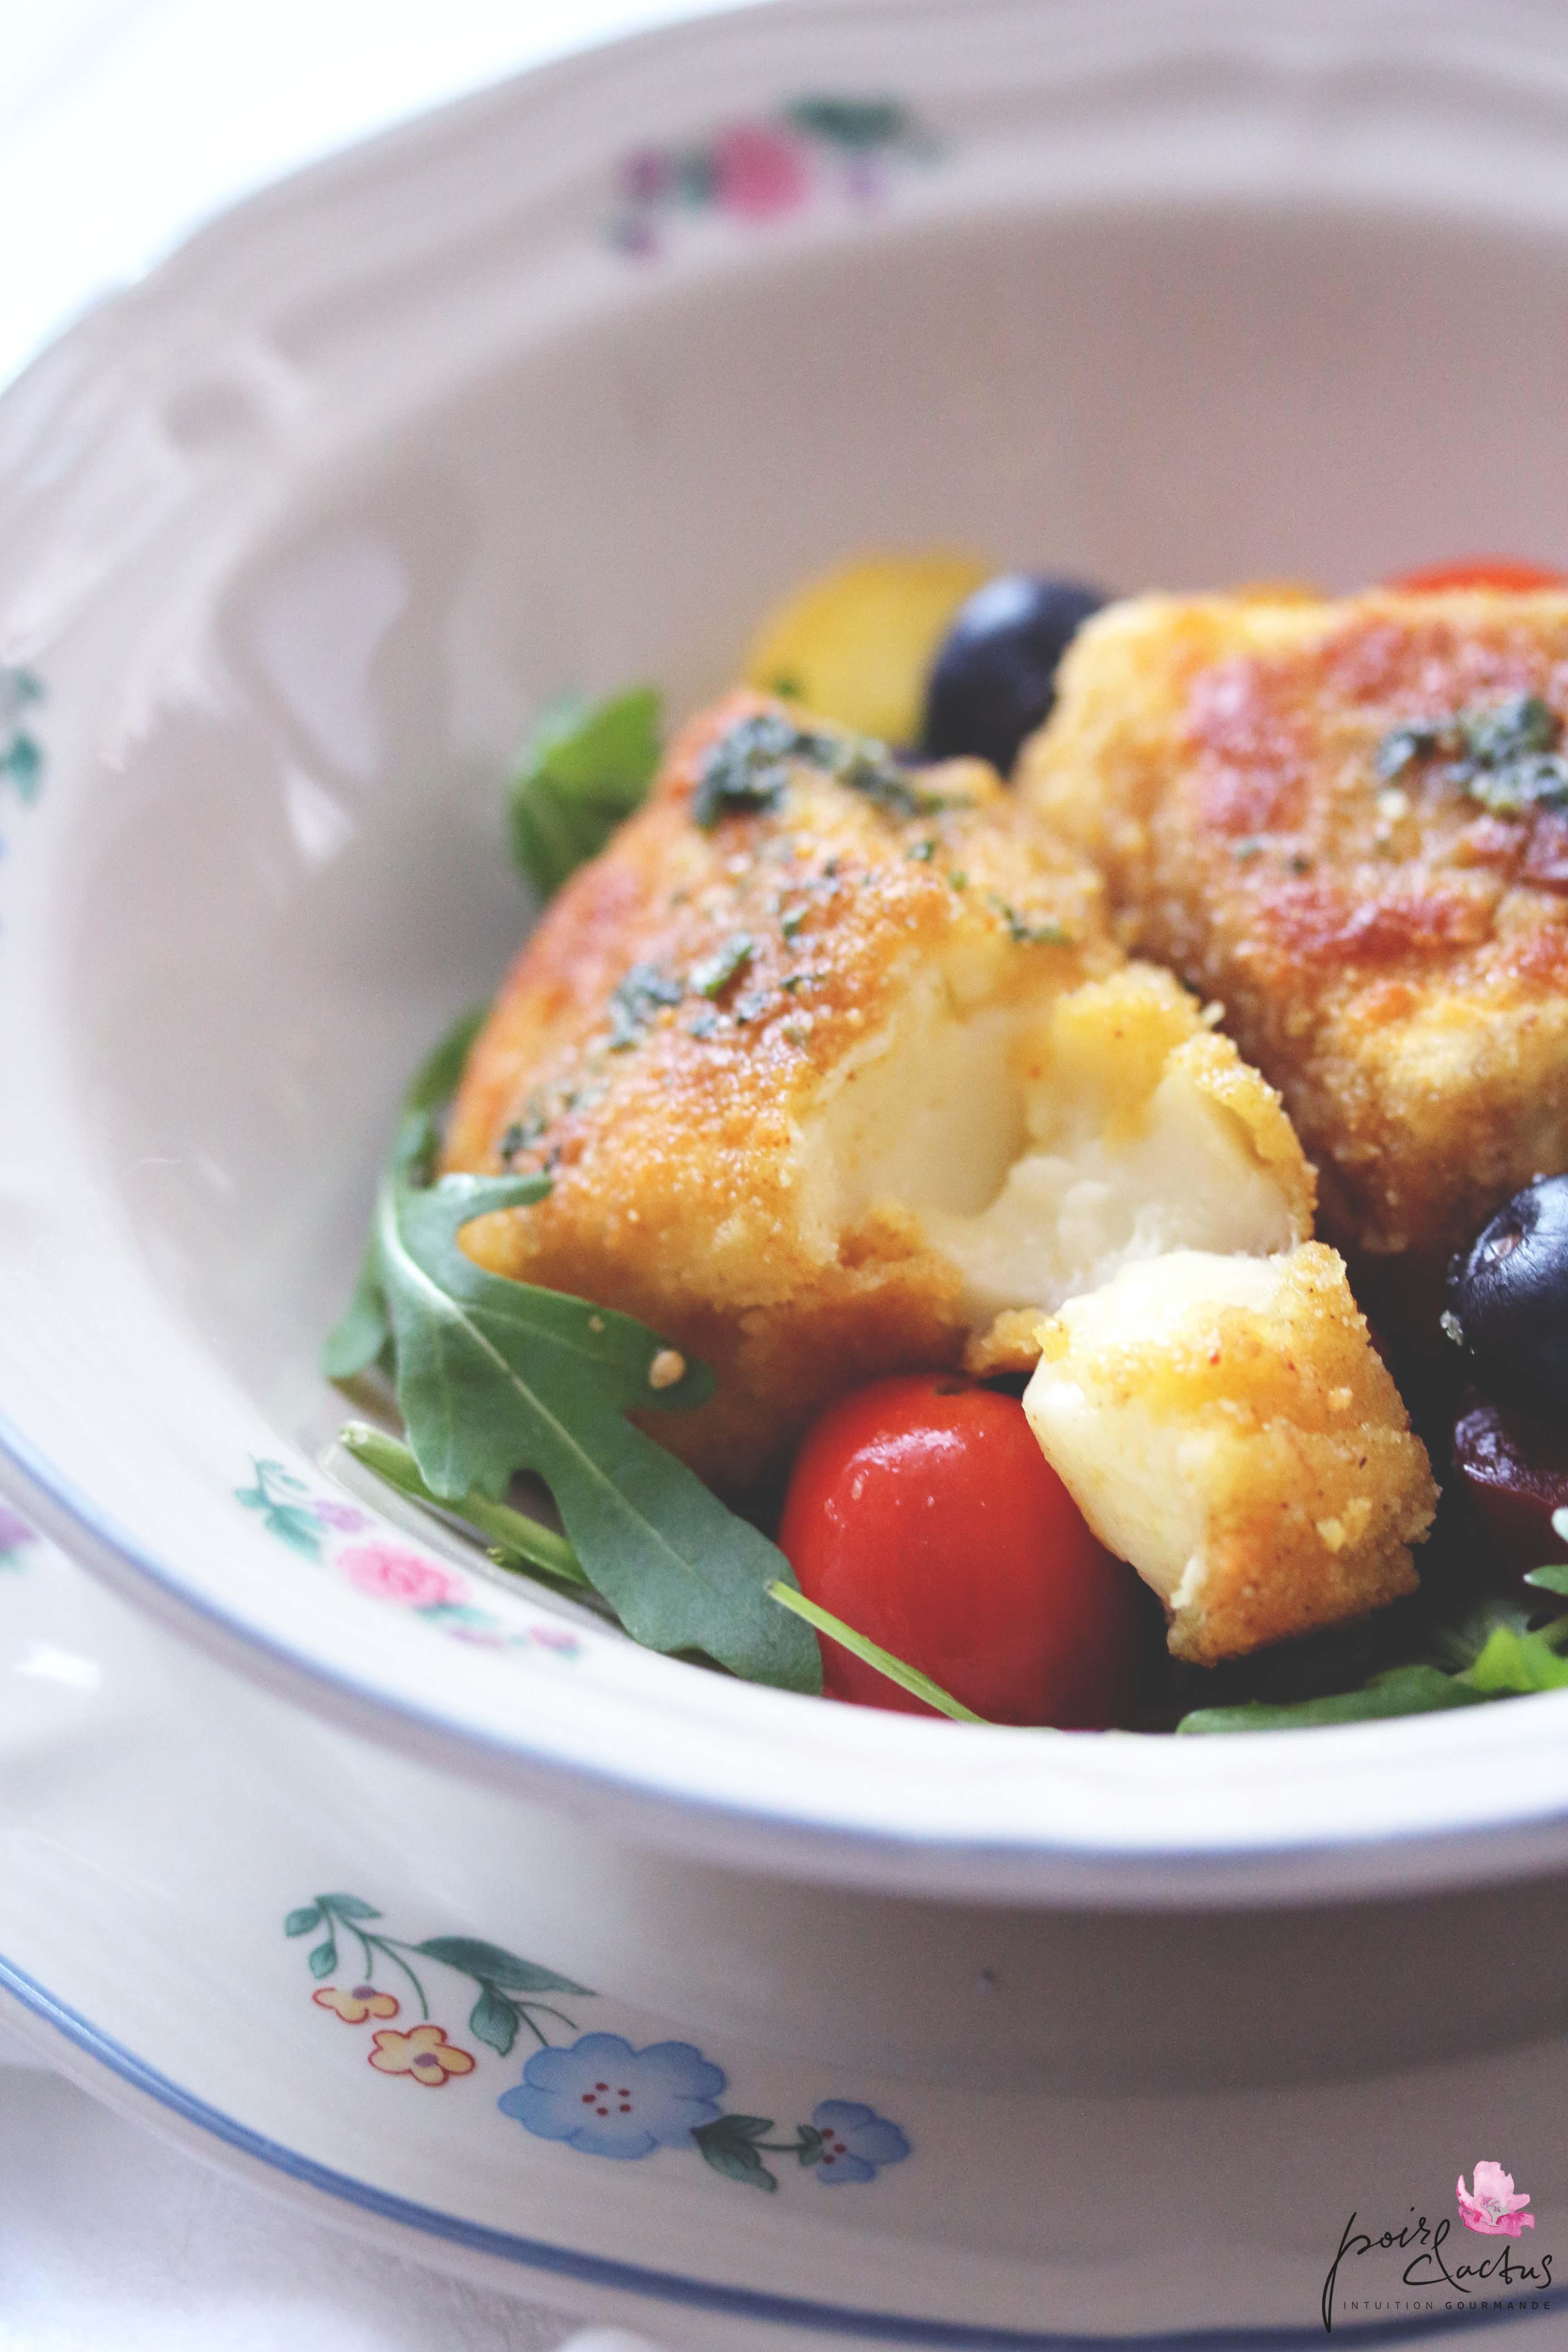 recette_fromage_pane_salade_poiretcactus5